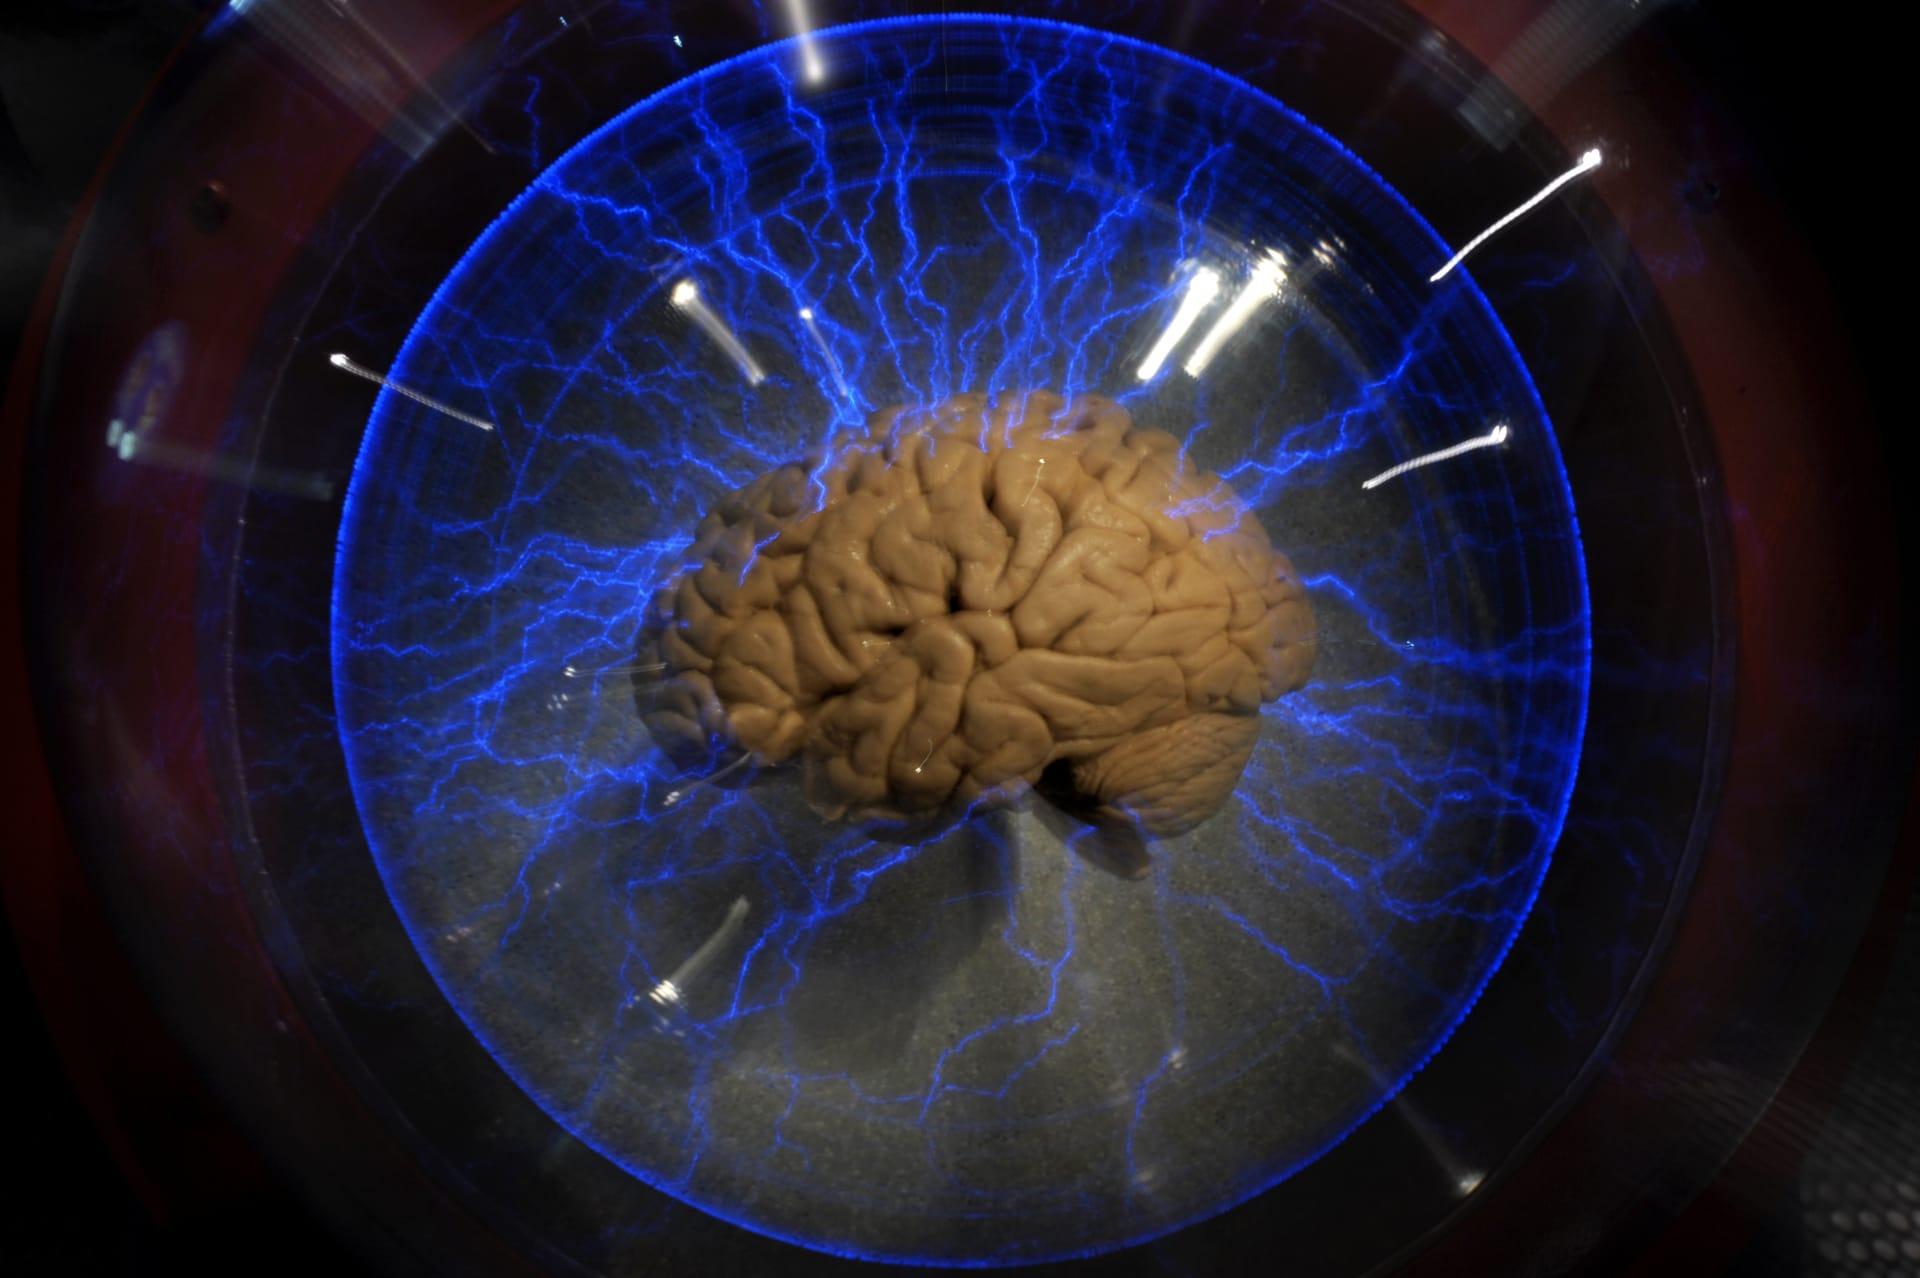 هل تمكن العلماء من التلاعب بدرجة إيمان الفرد واعتقاده الديني عبر التلاعب كهربائيا بالدماغ؟